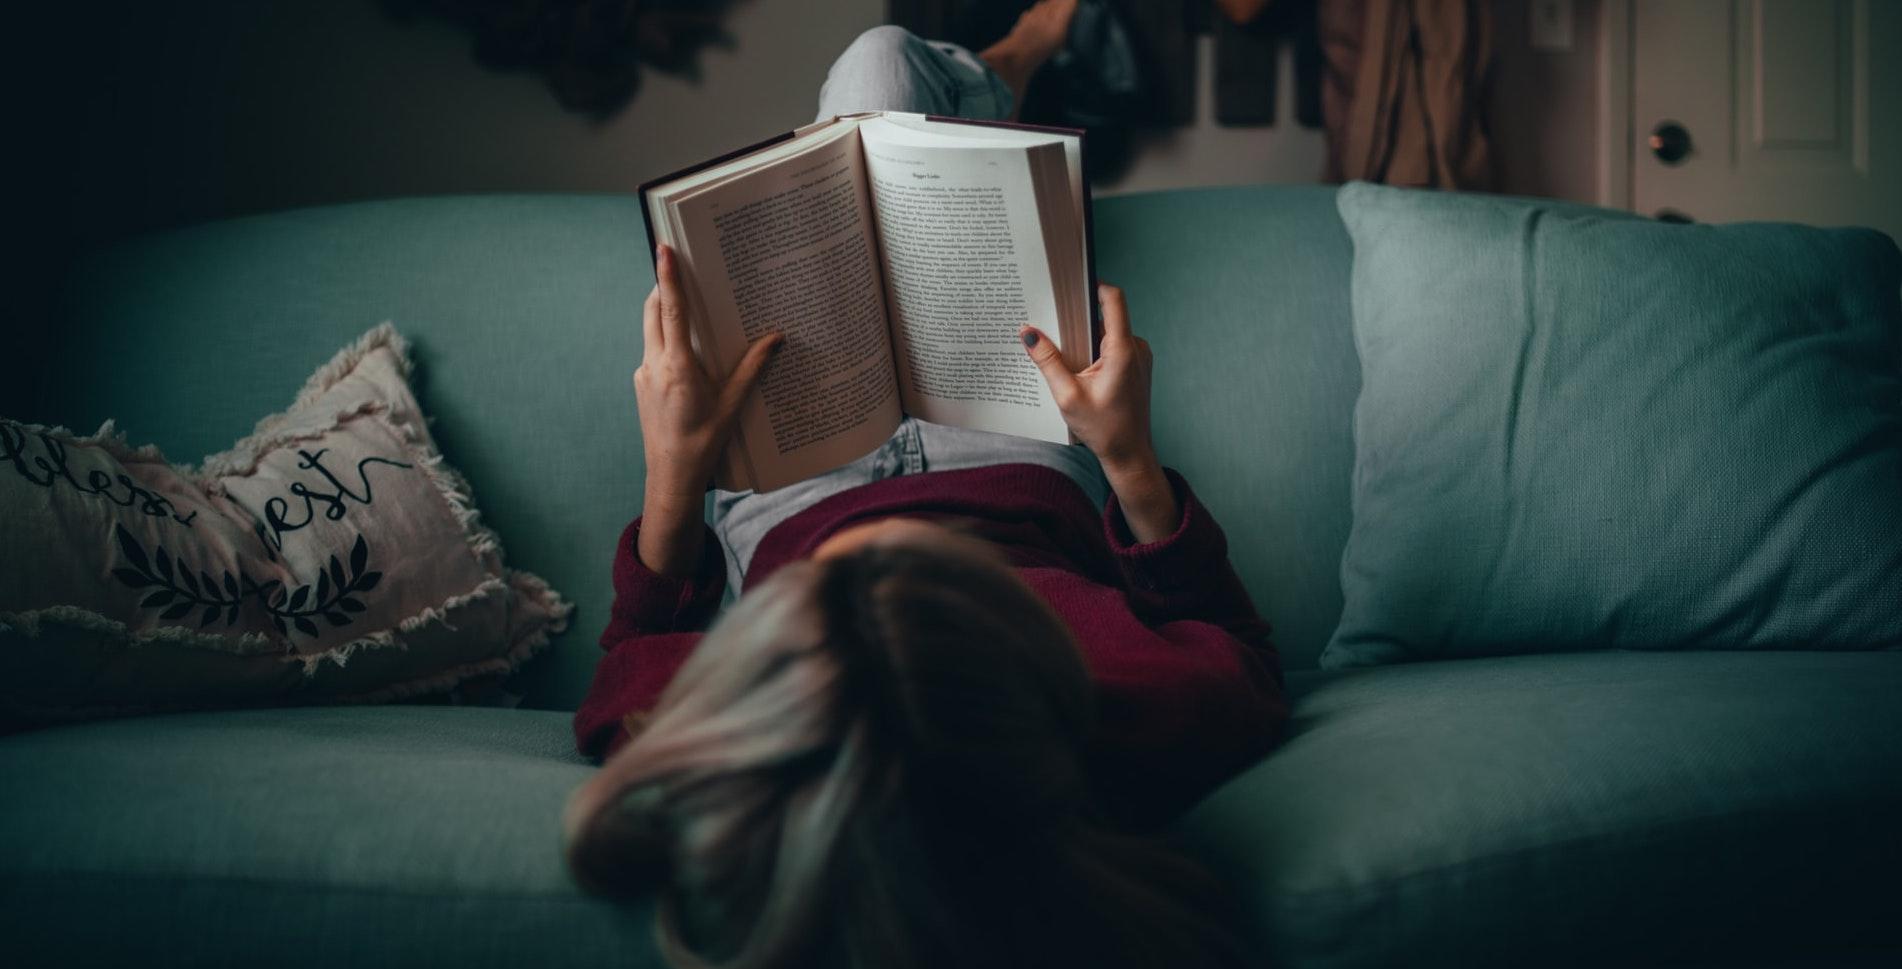 Auf dem Bild ist eine Frau von hinten zu sehen, die auf einem grünen Sofa liegt und ein Buch liest.